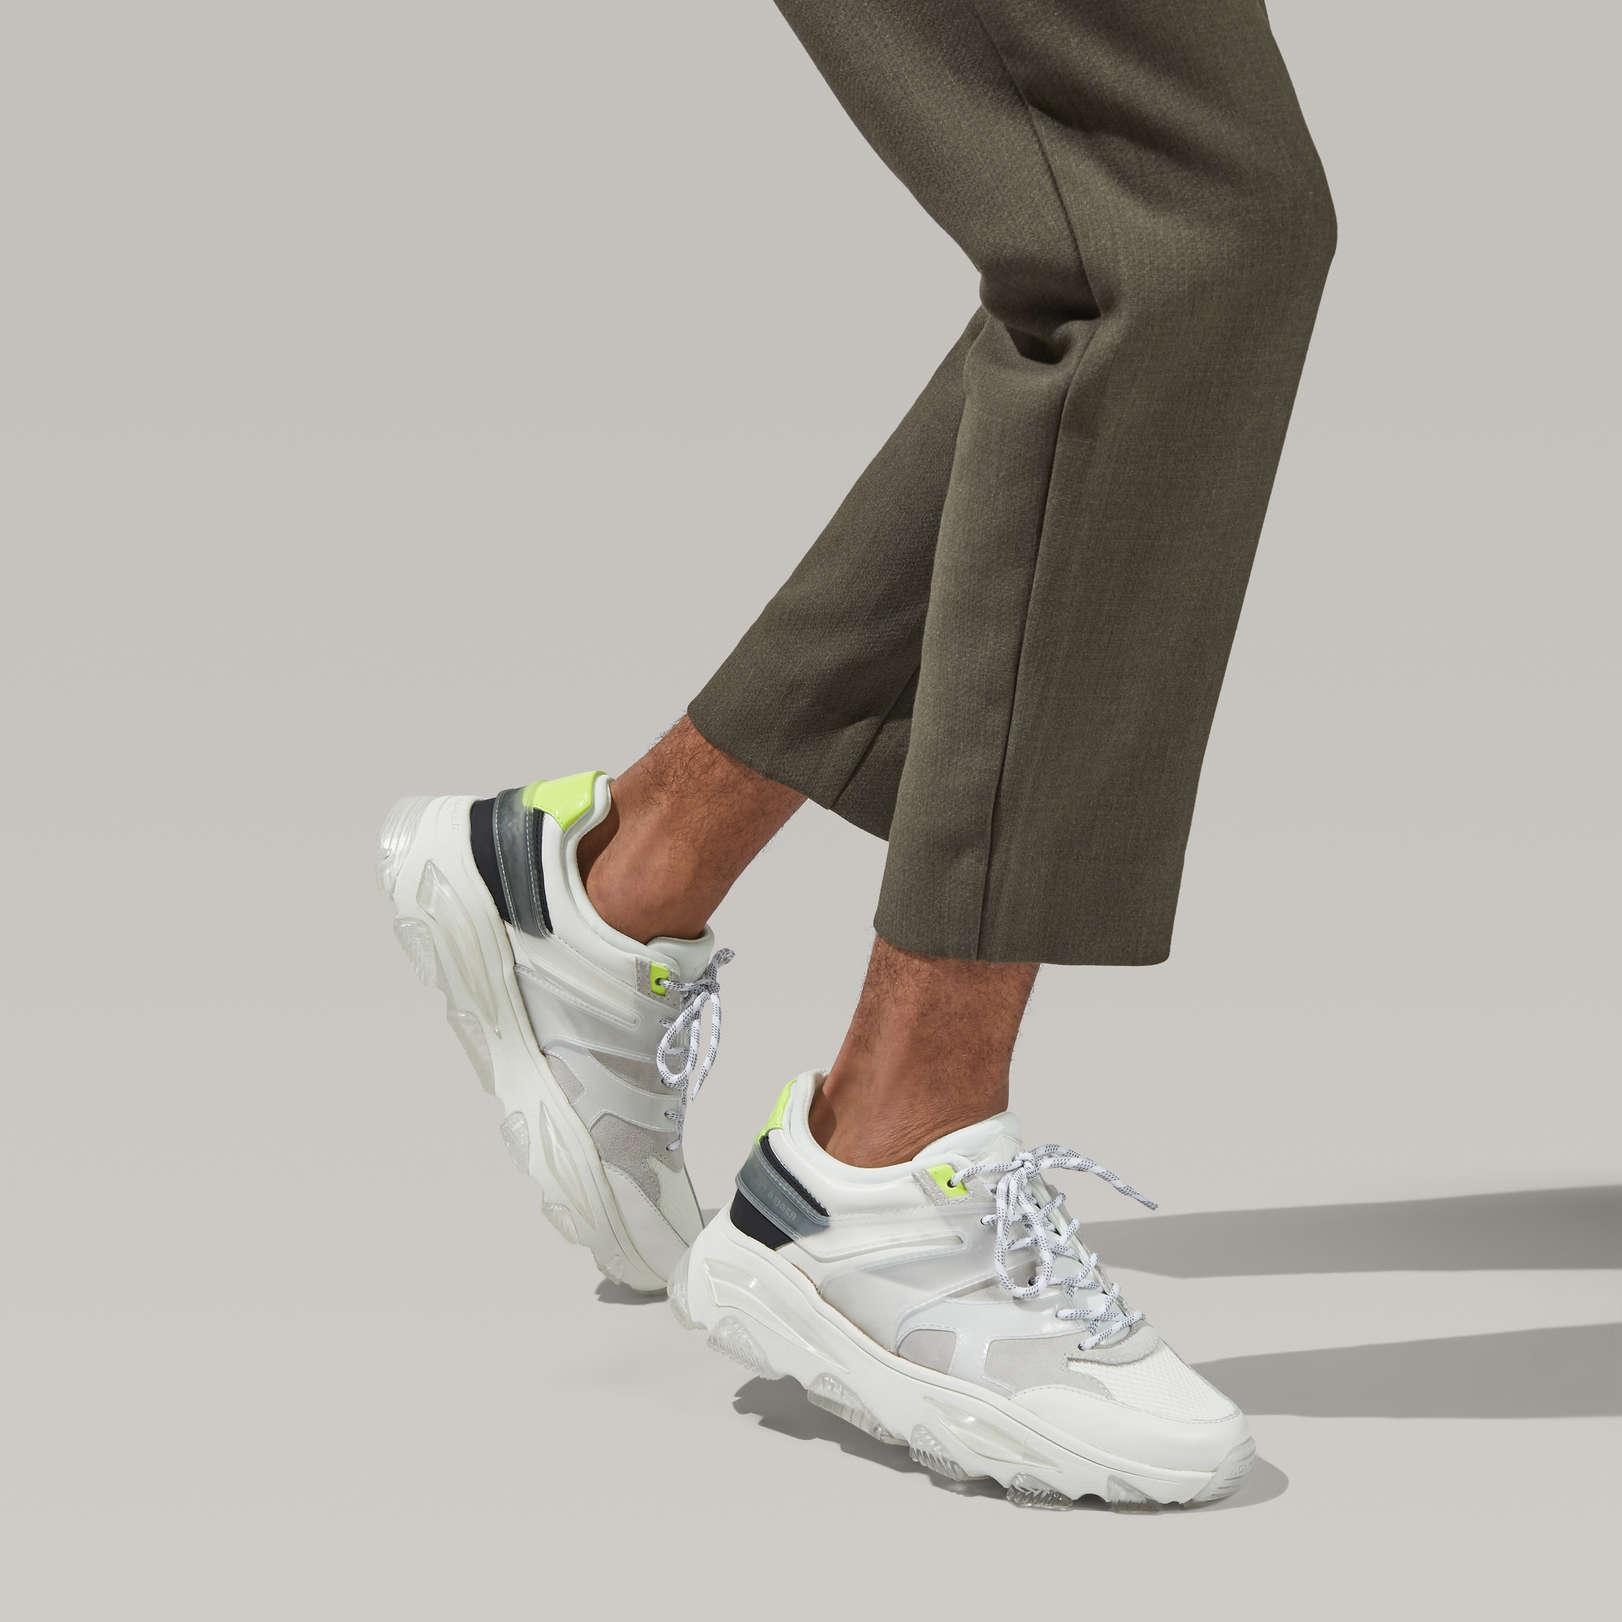 LETO SNEAKER - KURT GEIGER LONDON Sneakers